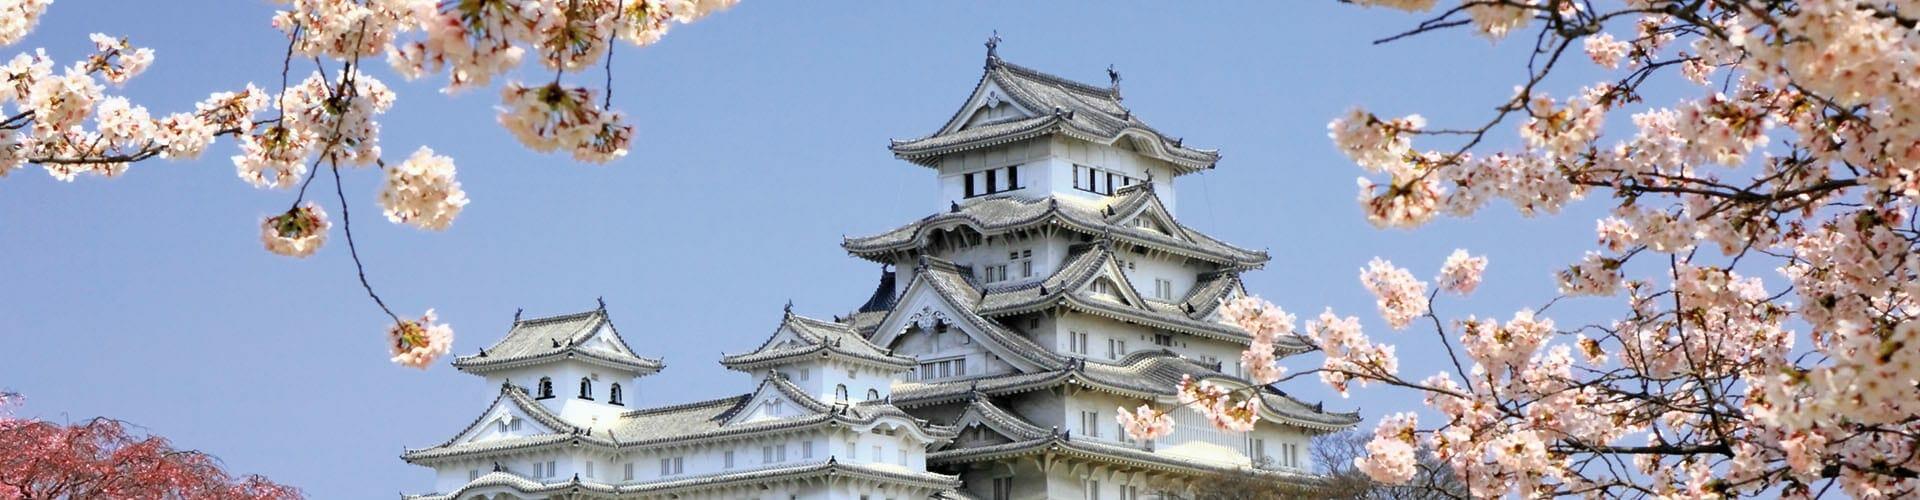 Château d'Himeji, Japon